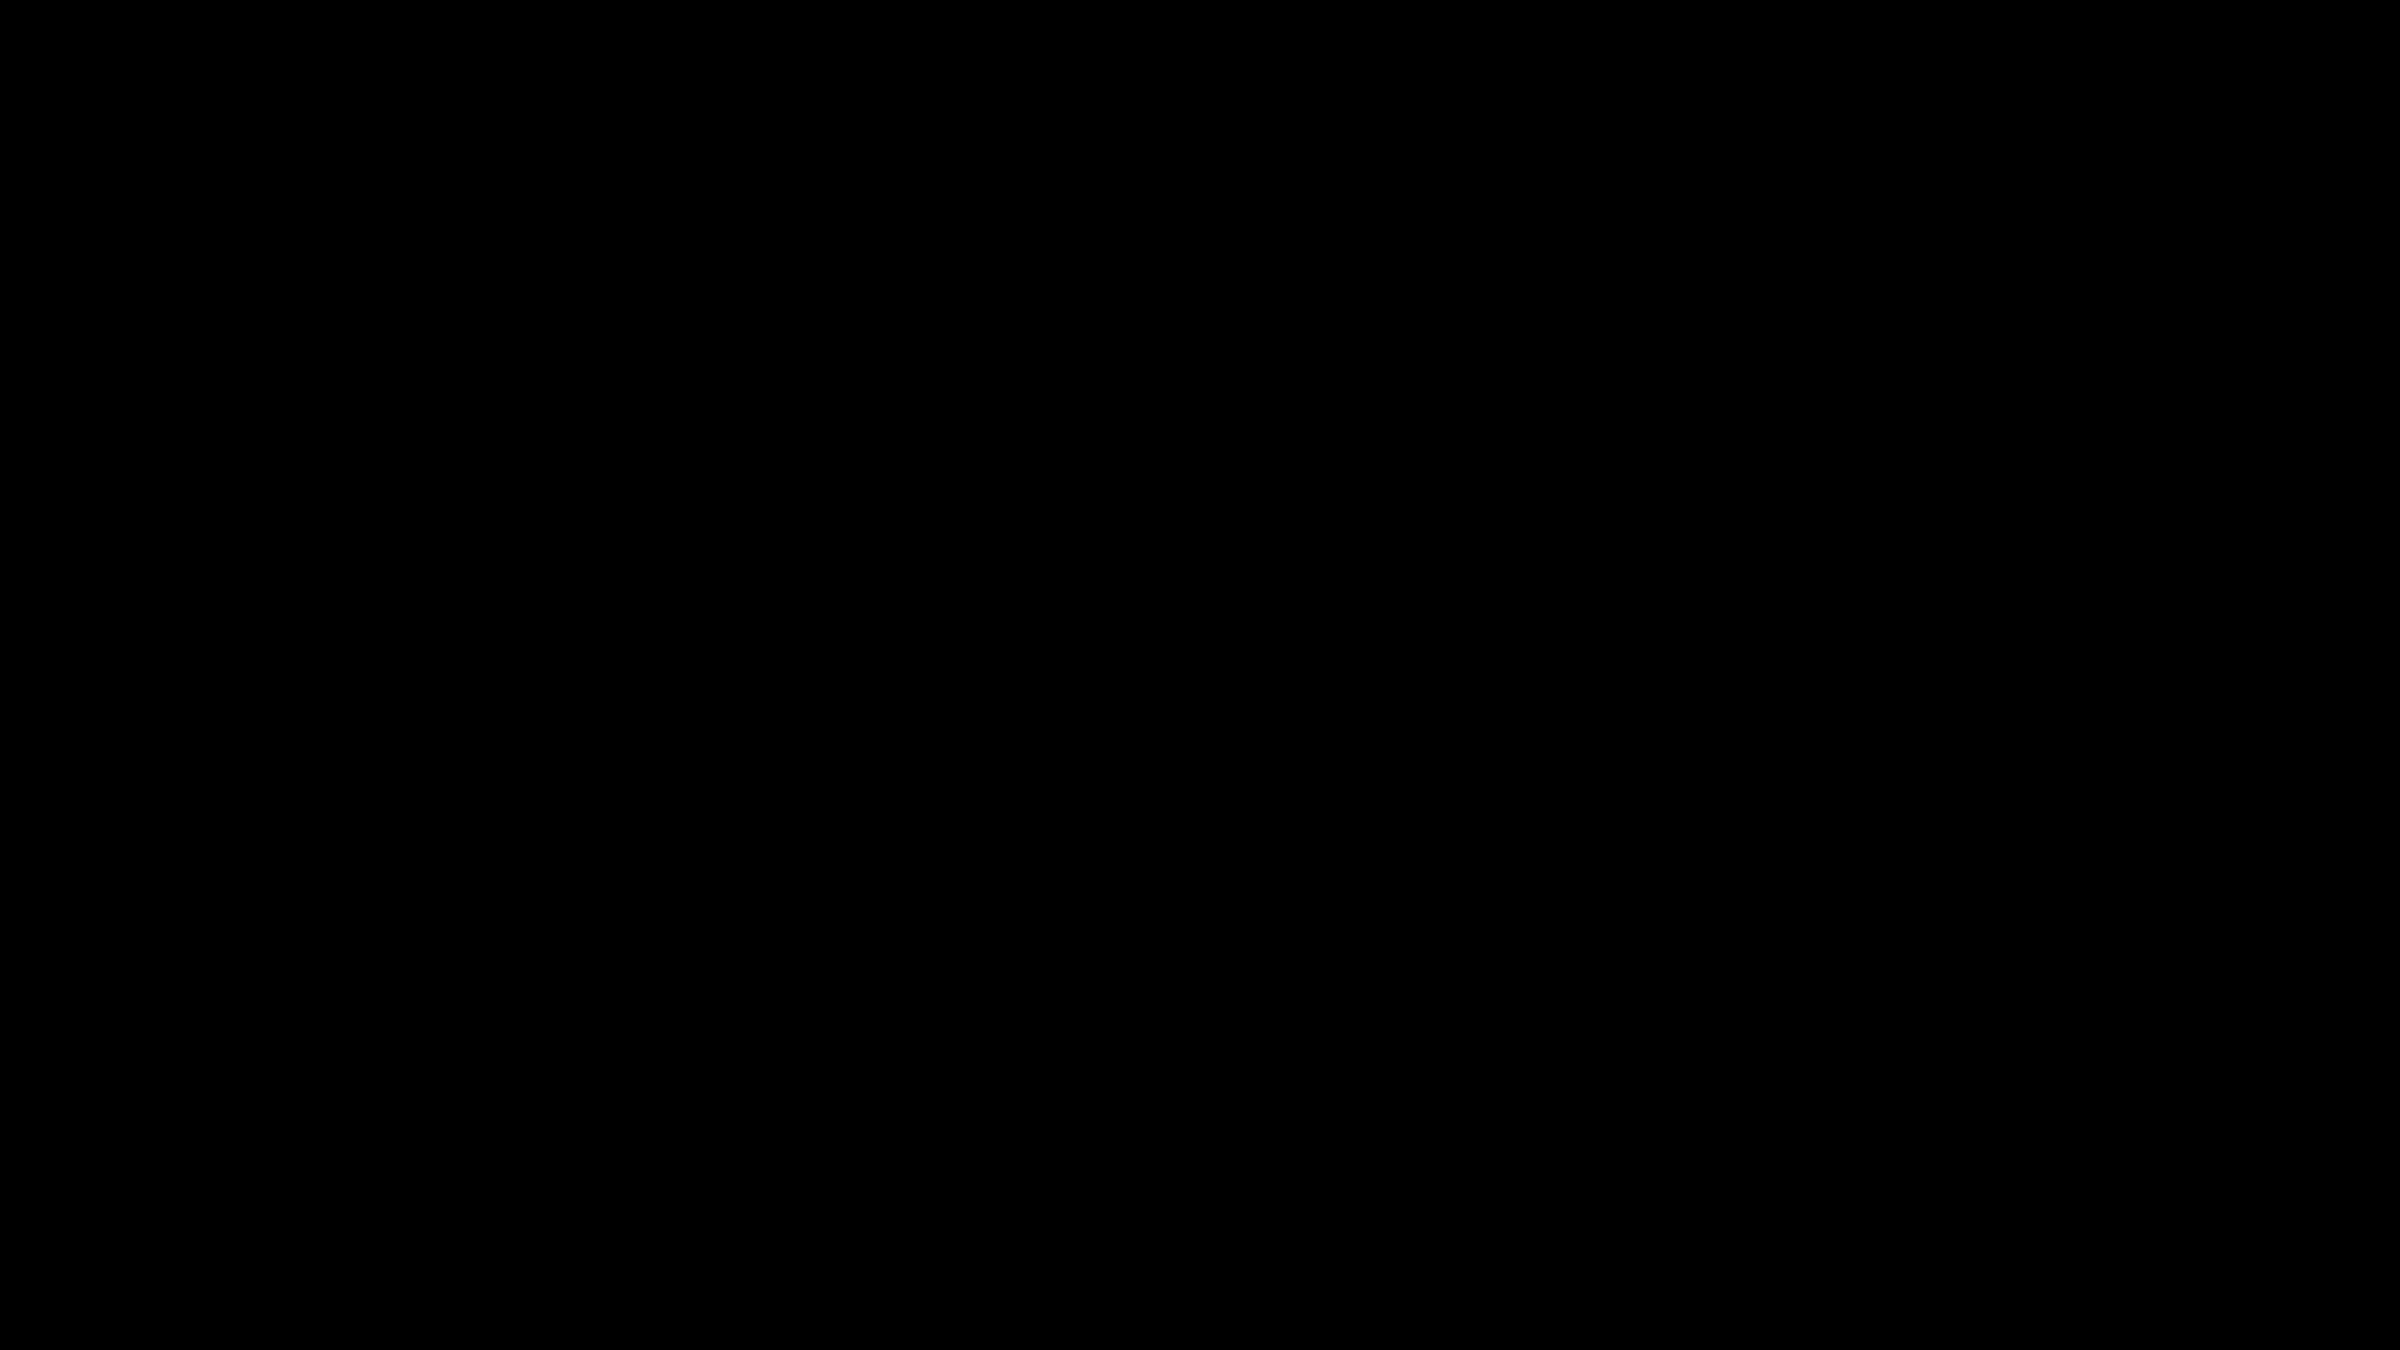 Clipart clock character. Alarm big image png